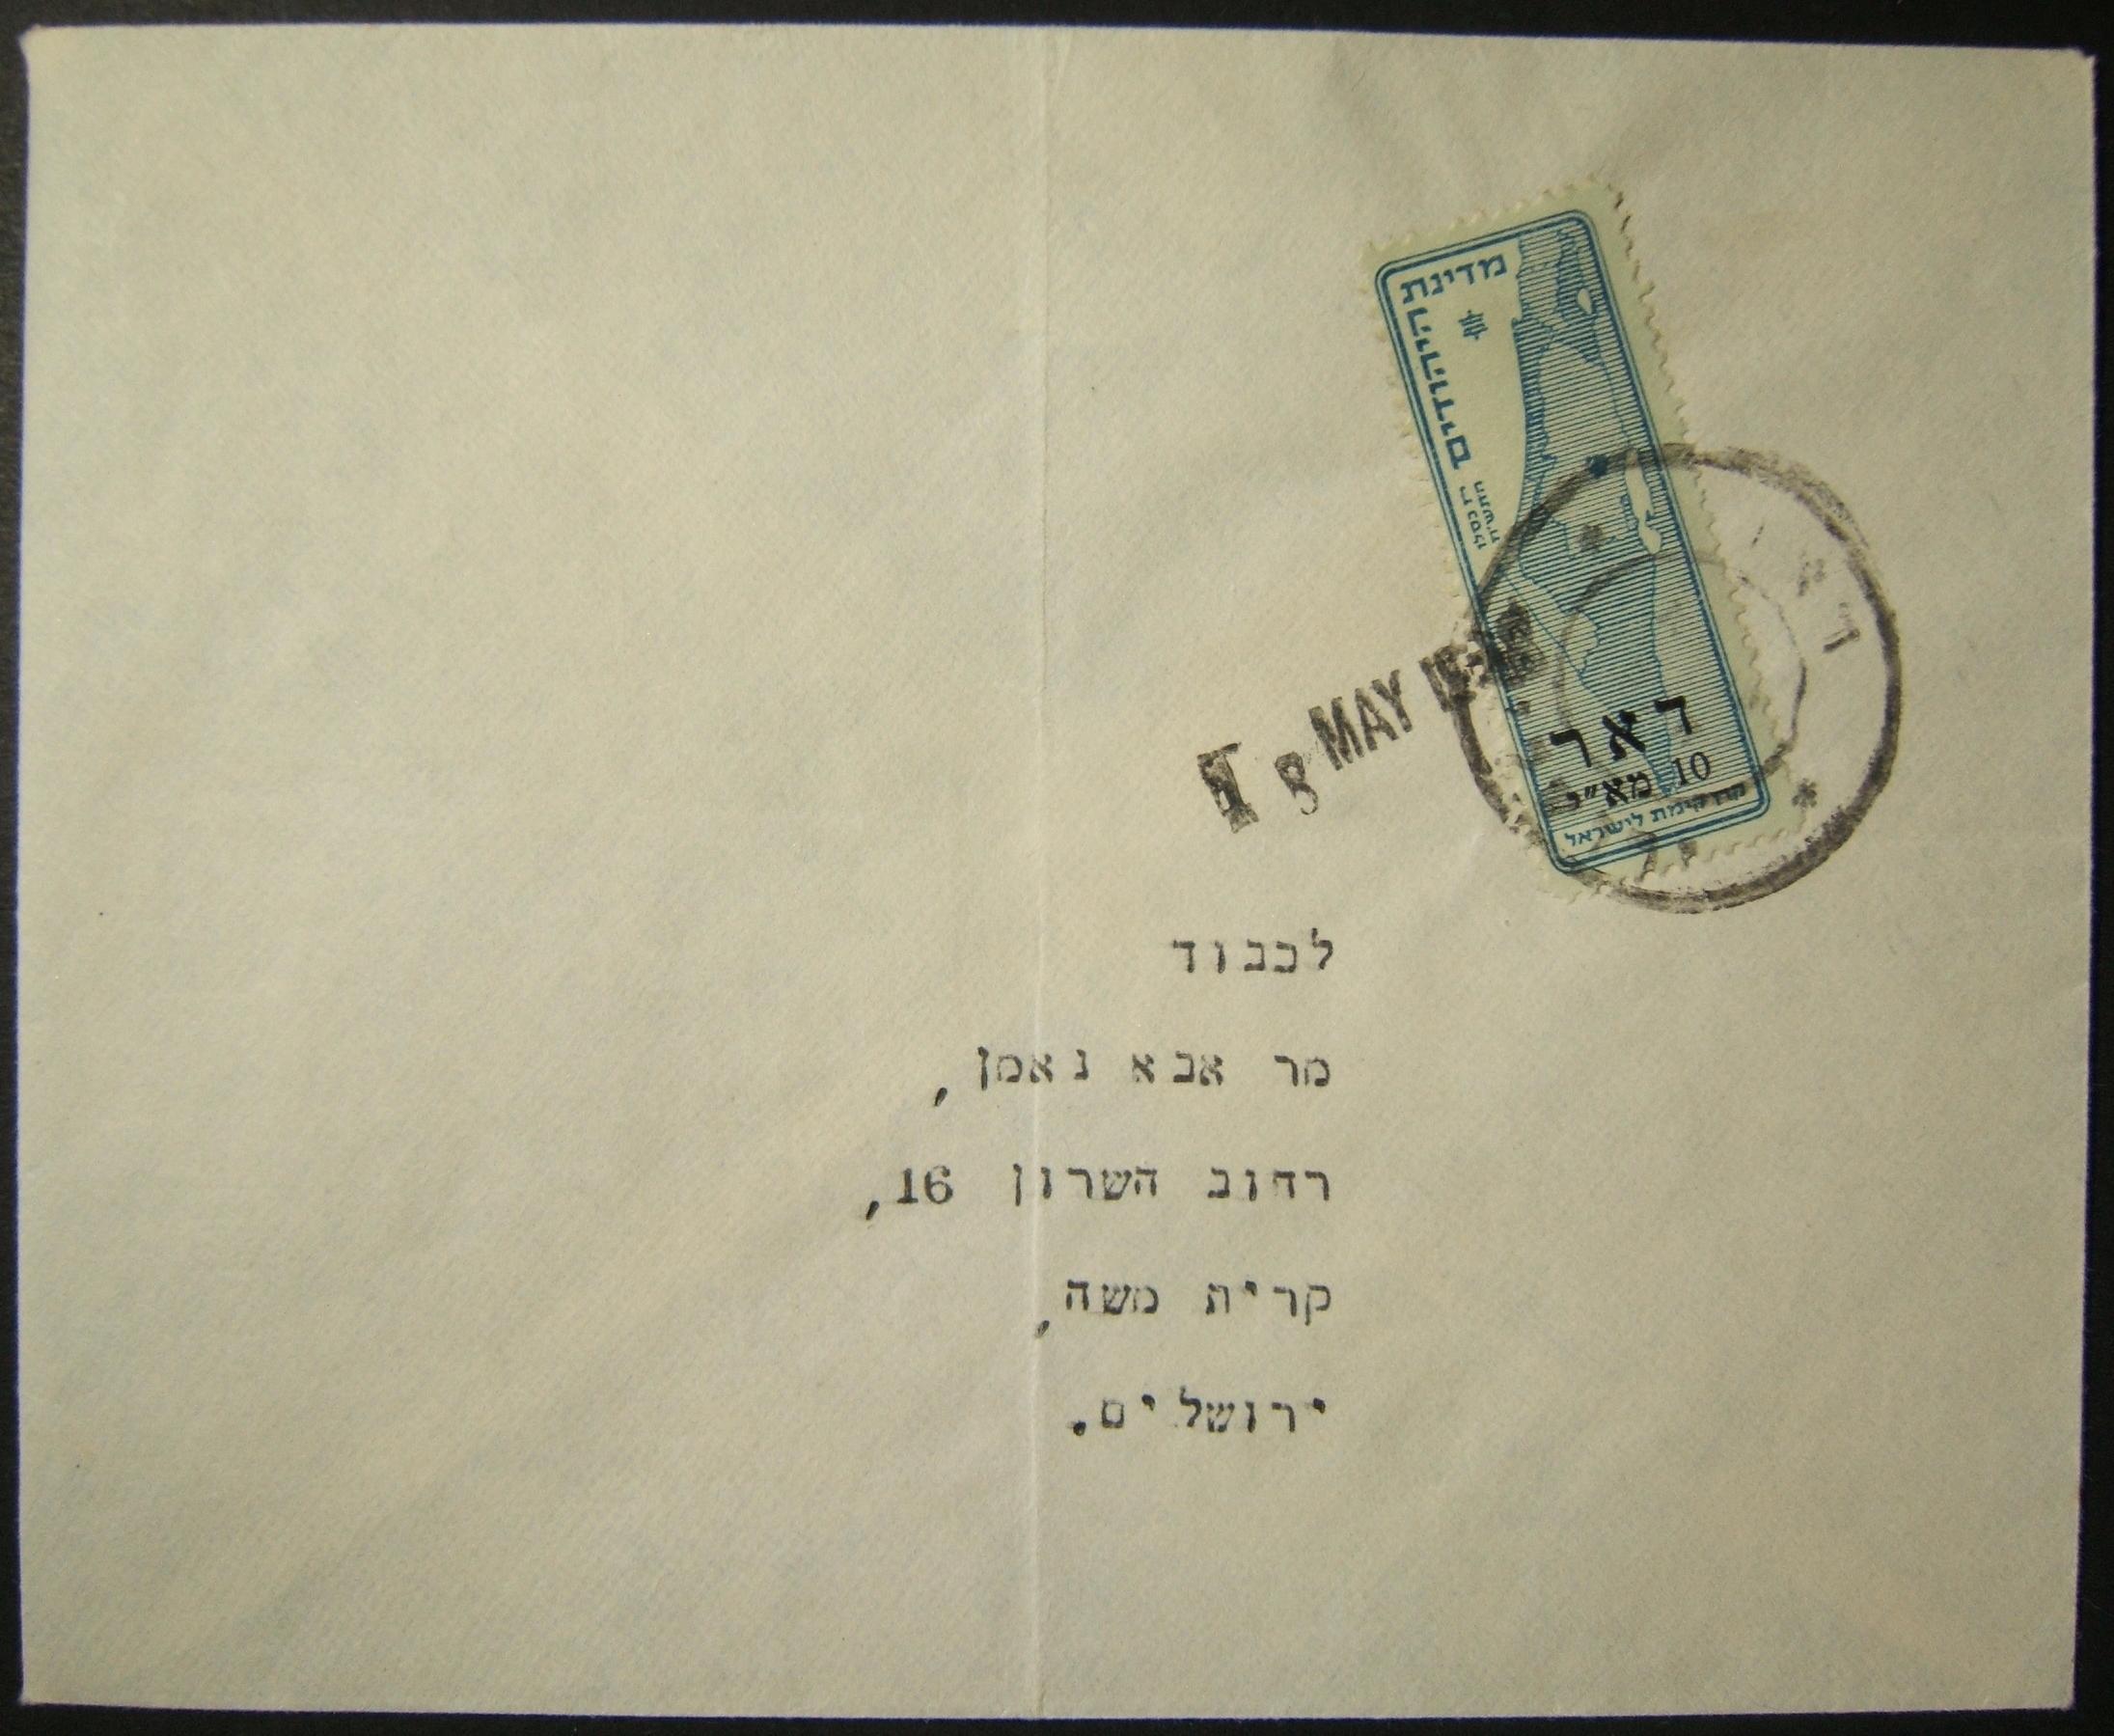 1948 מצור על ירושלים דואר מקומי עם כנות ביניים בוטלה על ידי חותמת הדואר רוזטה